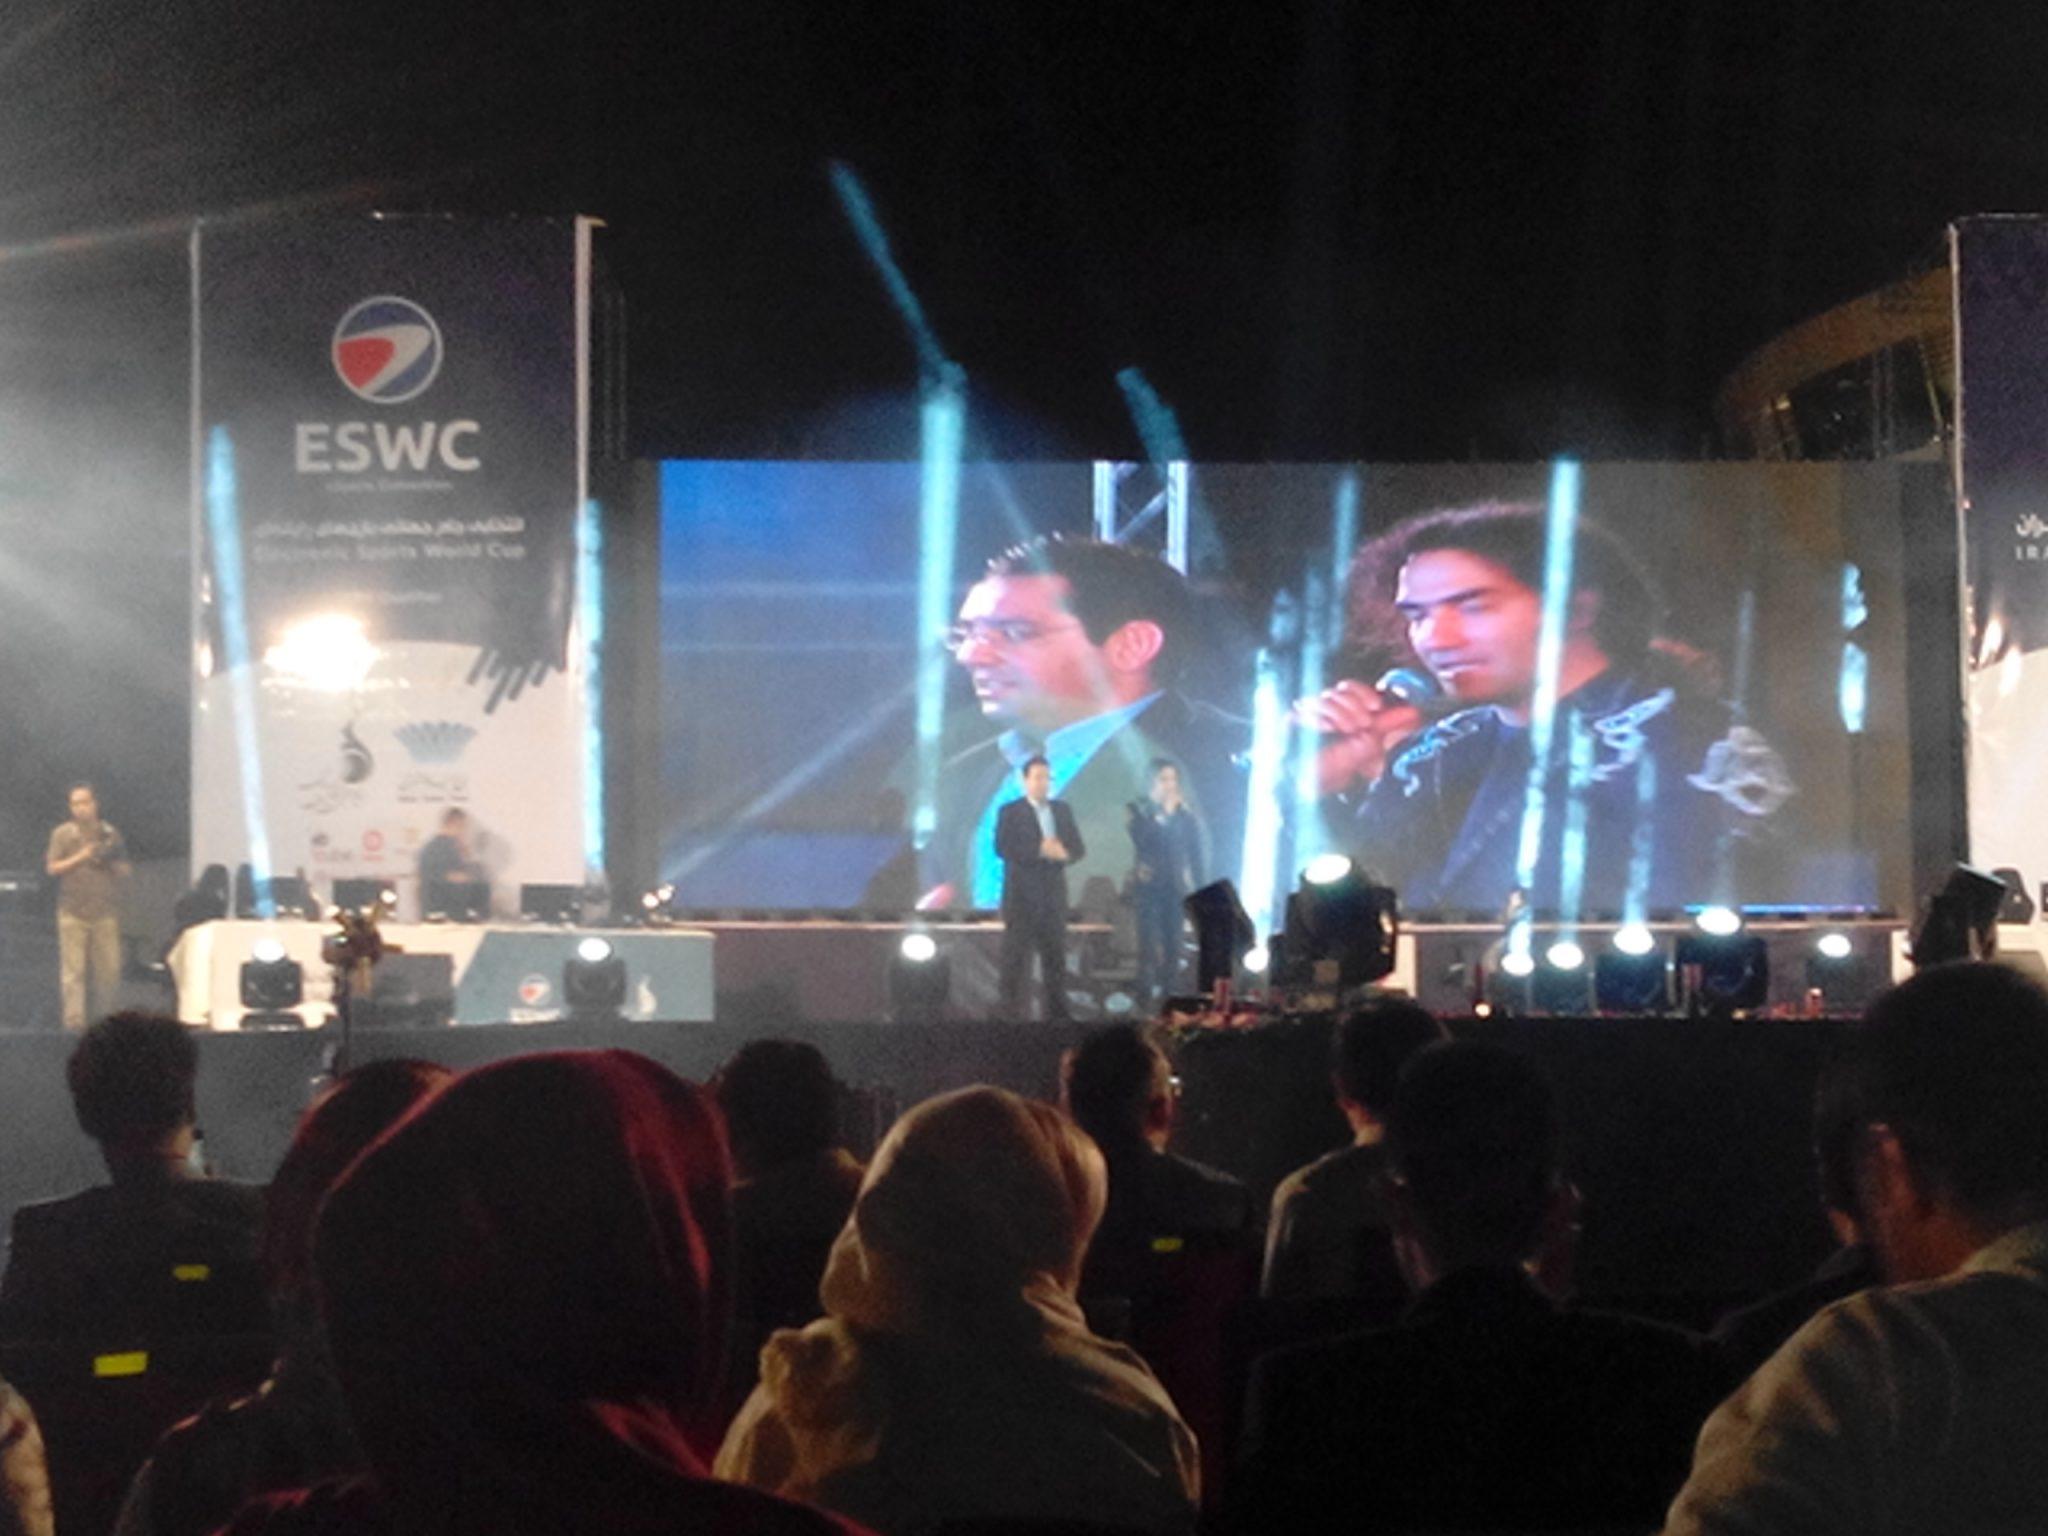 رضا یزدانی، خواننده محبوب کشورمان به همراه مجری محبوب، محمدرضا احمدی